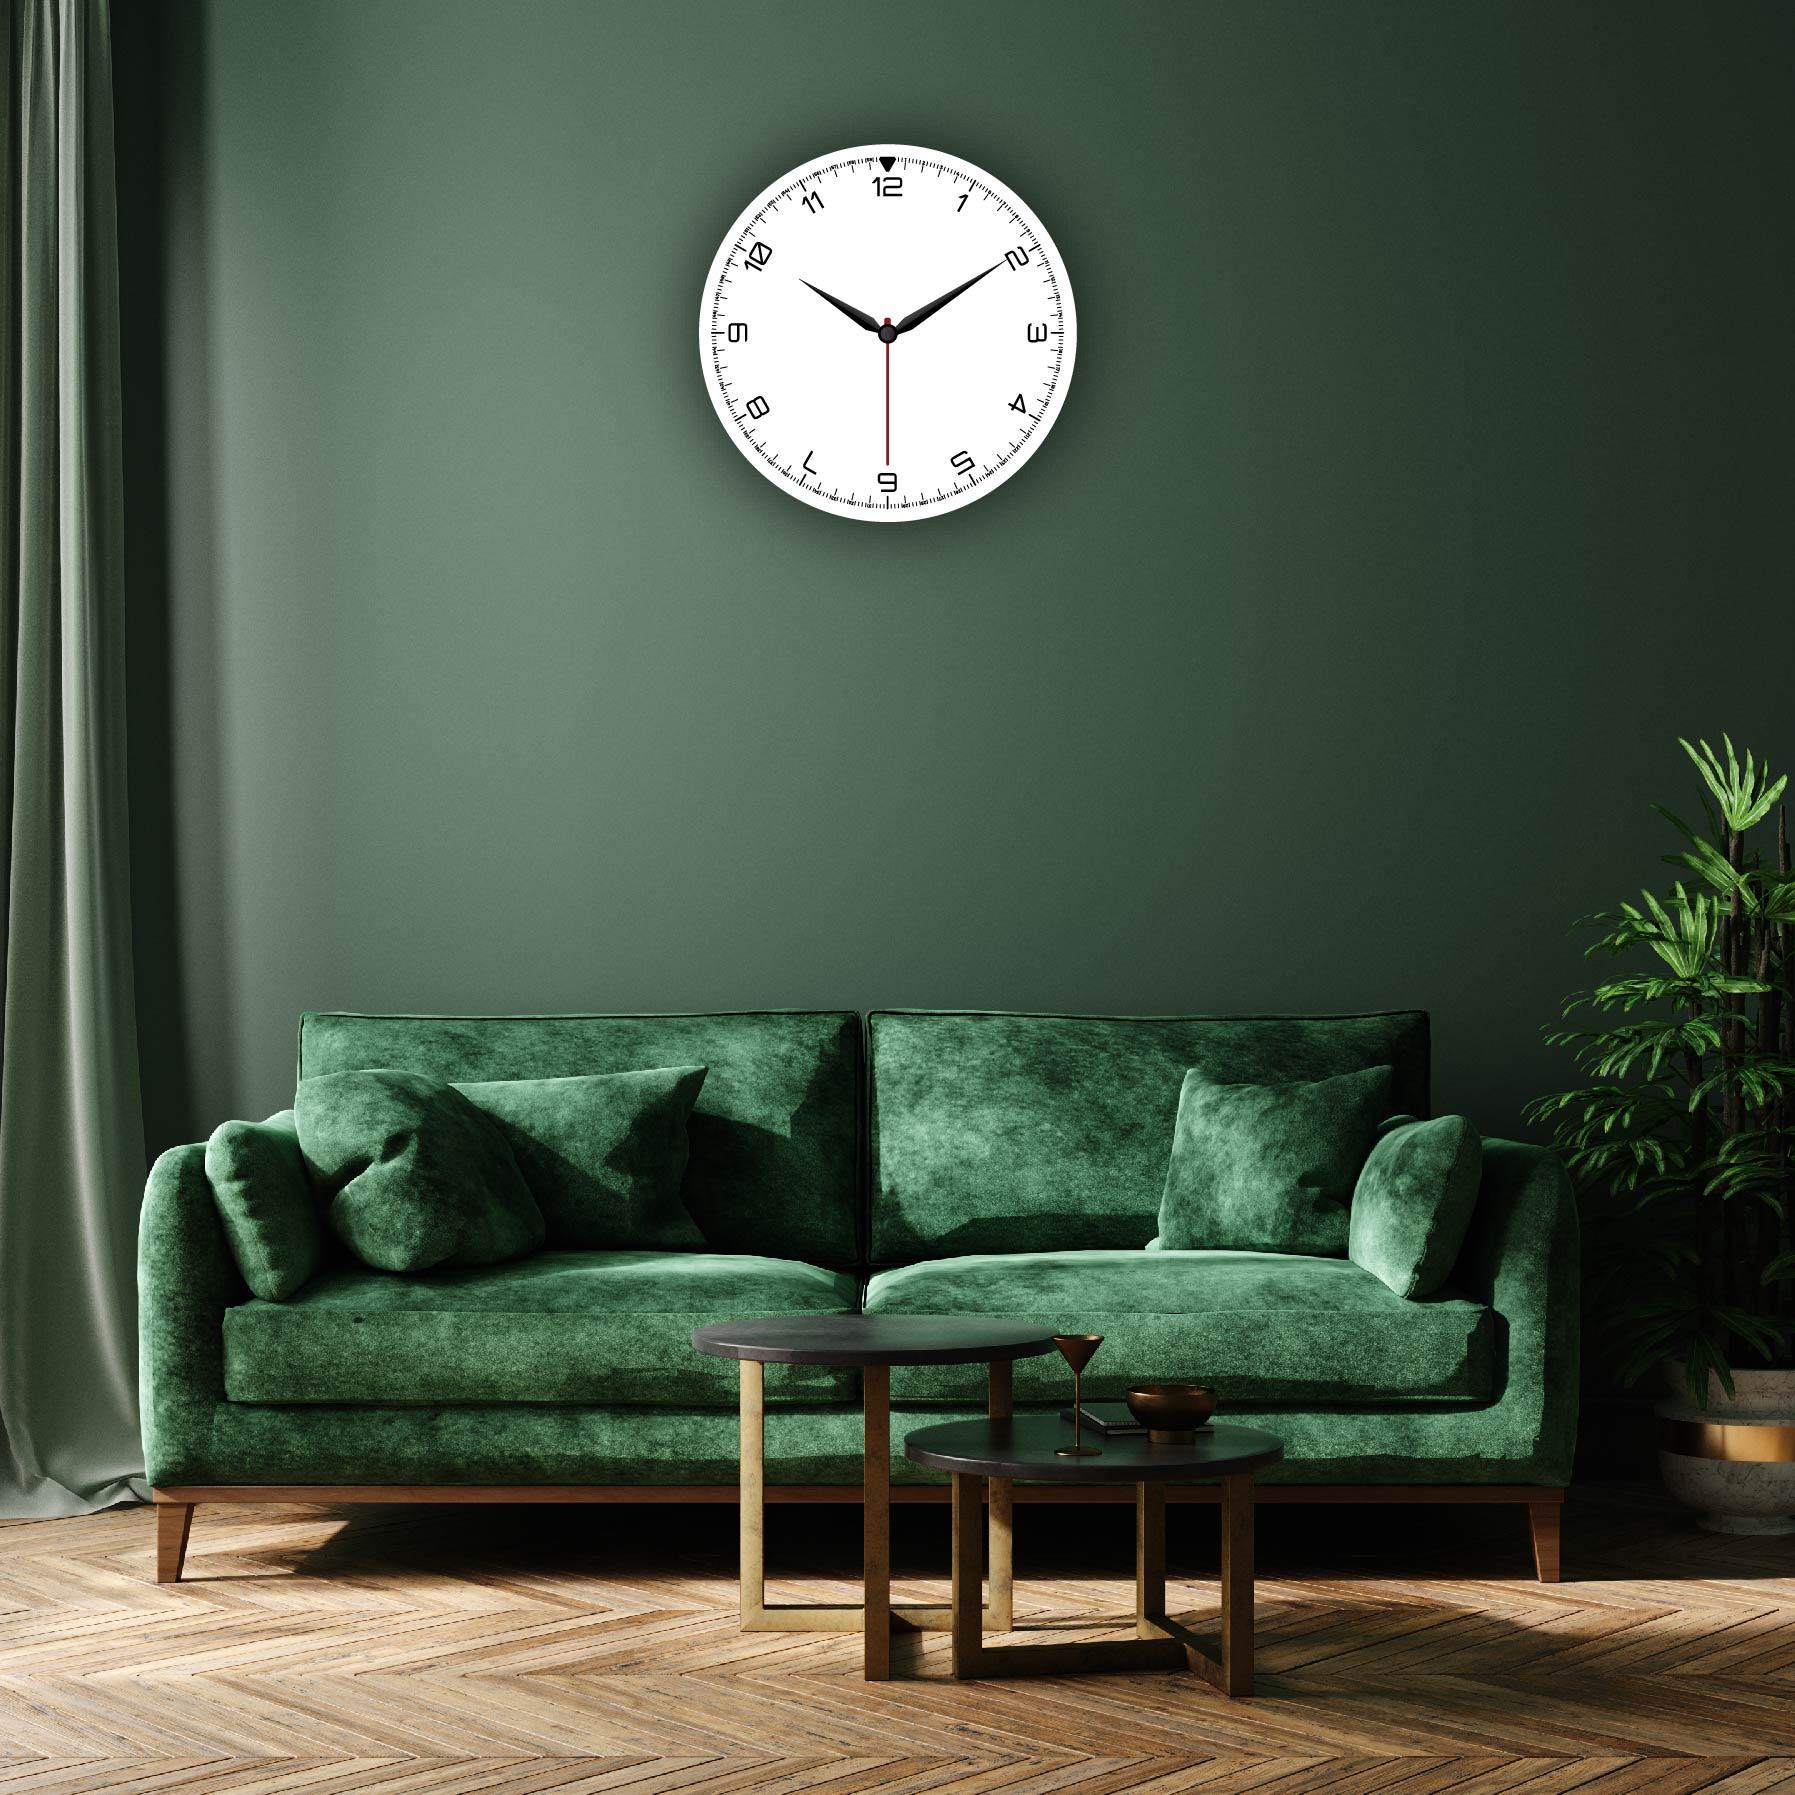 Dijital Baskılı Dekoratif Mdf Duvar Saati Model-107